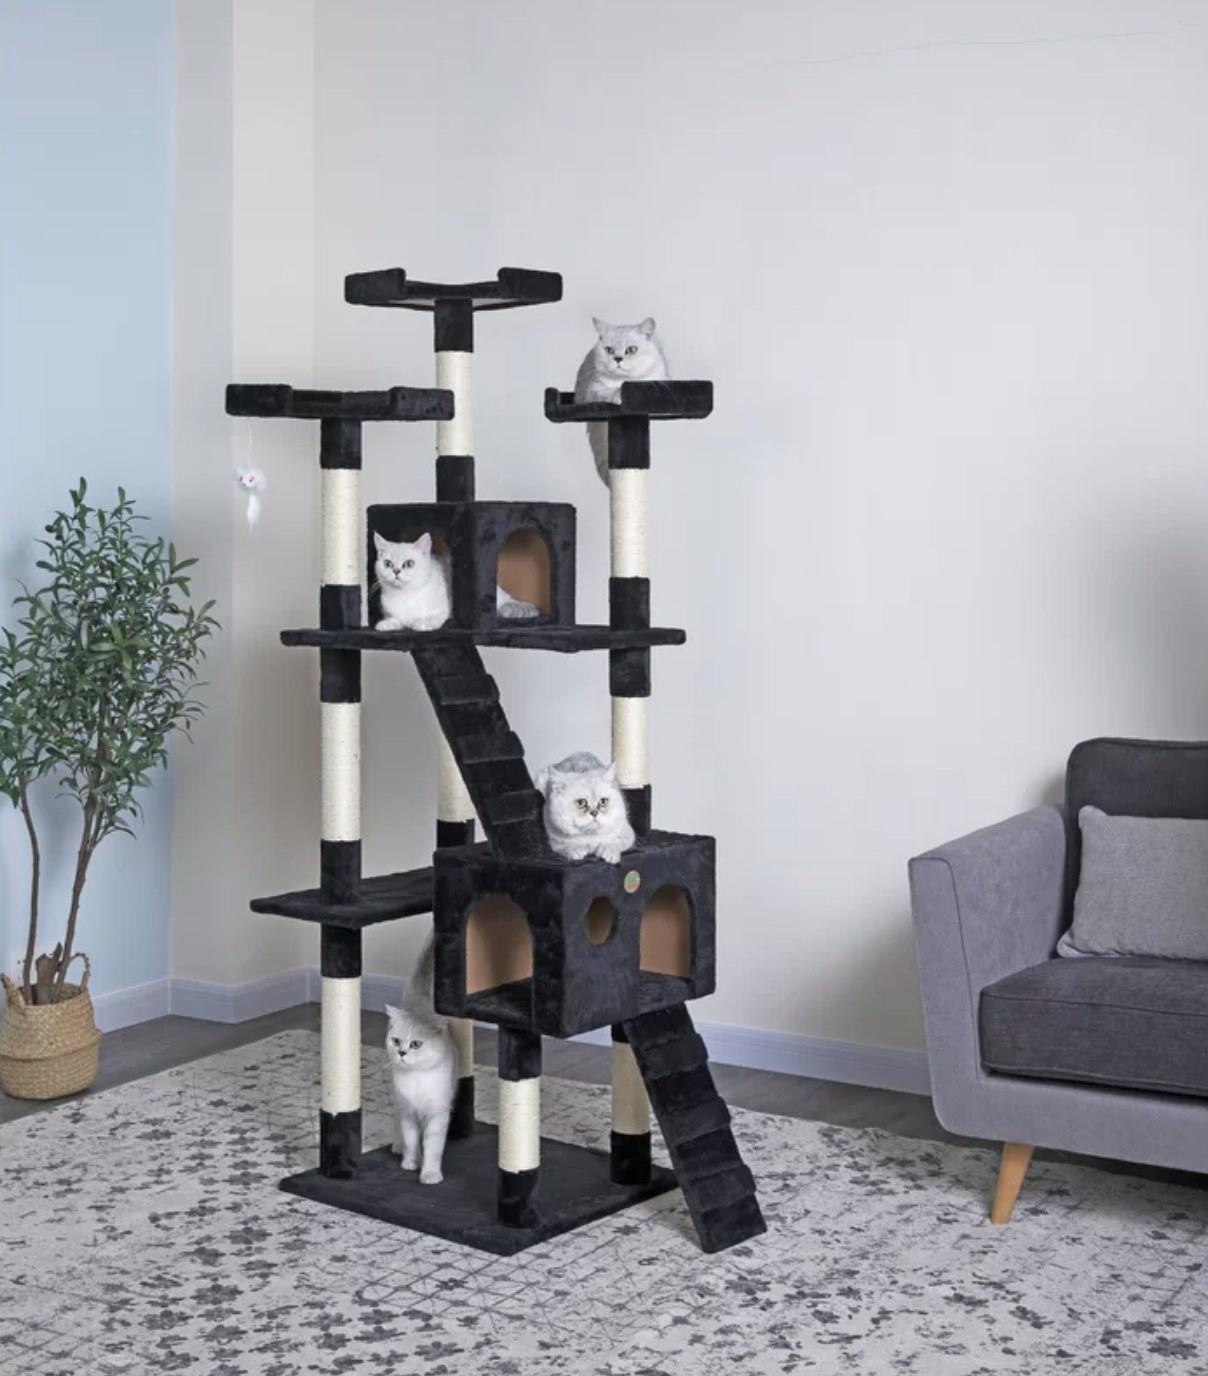 The six-foot tall cat tree in black